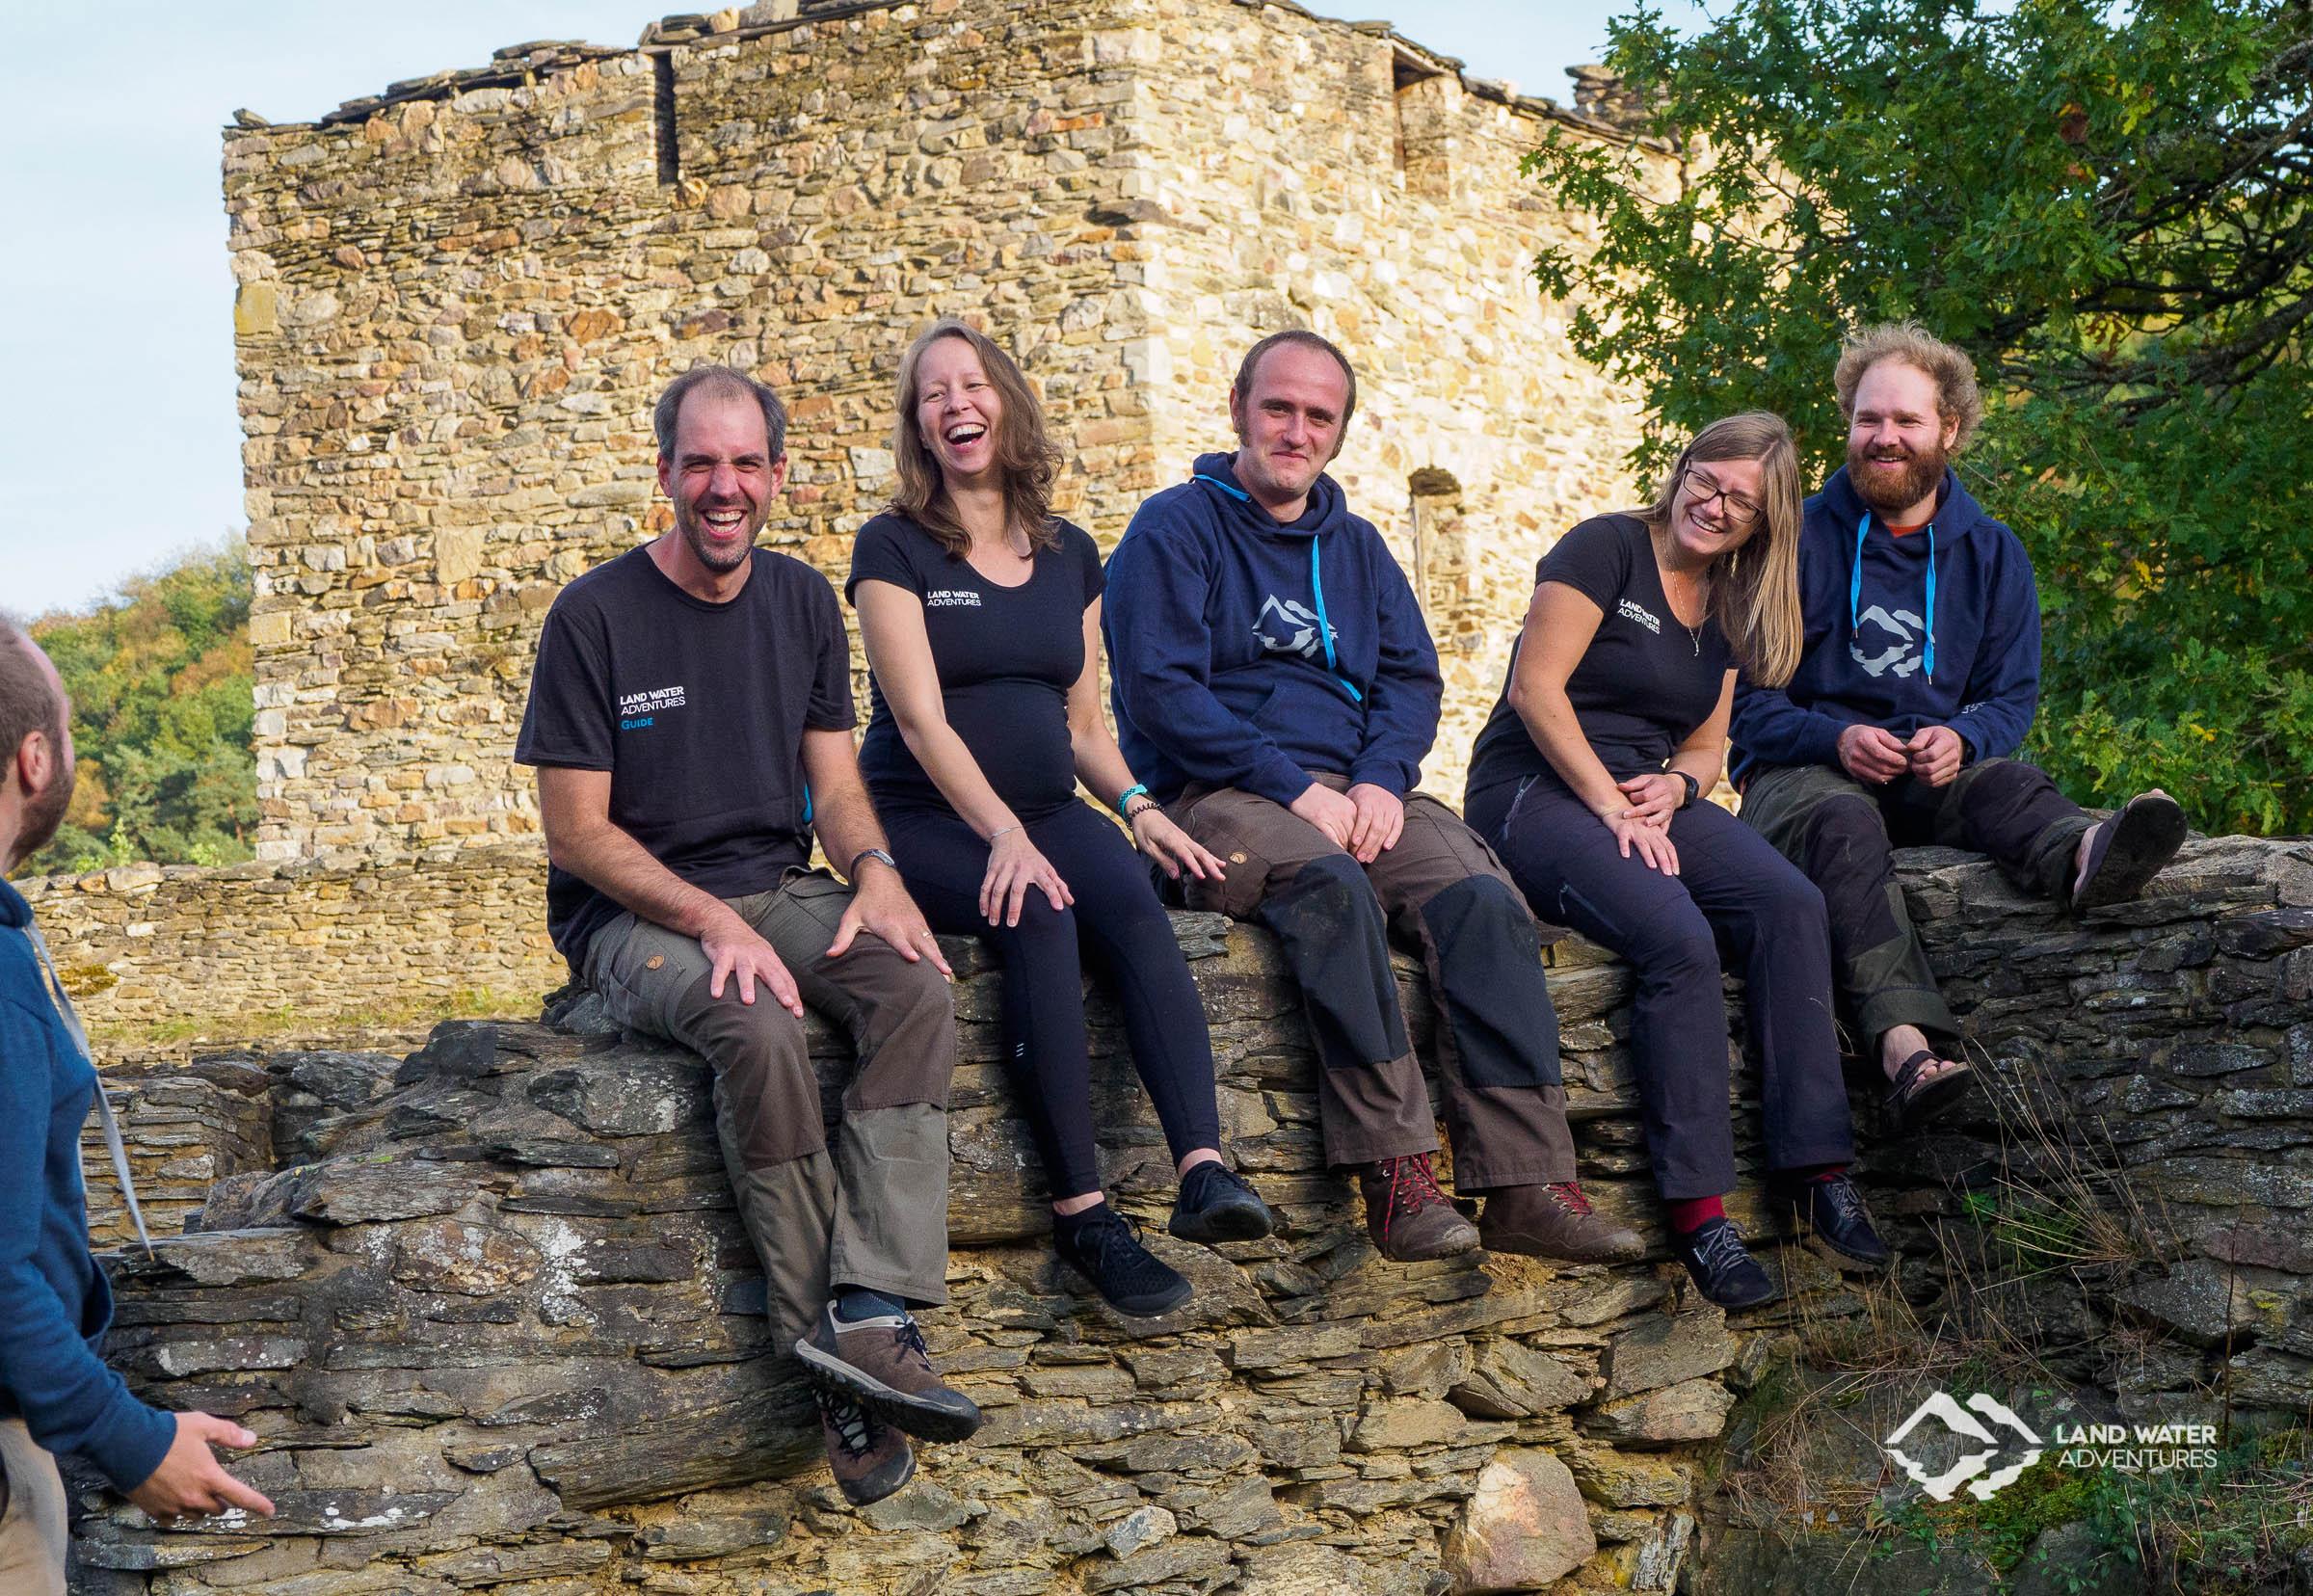 LWA Team auf der Schmidtburg 2019 © Land Water Adventures